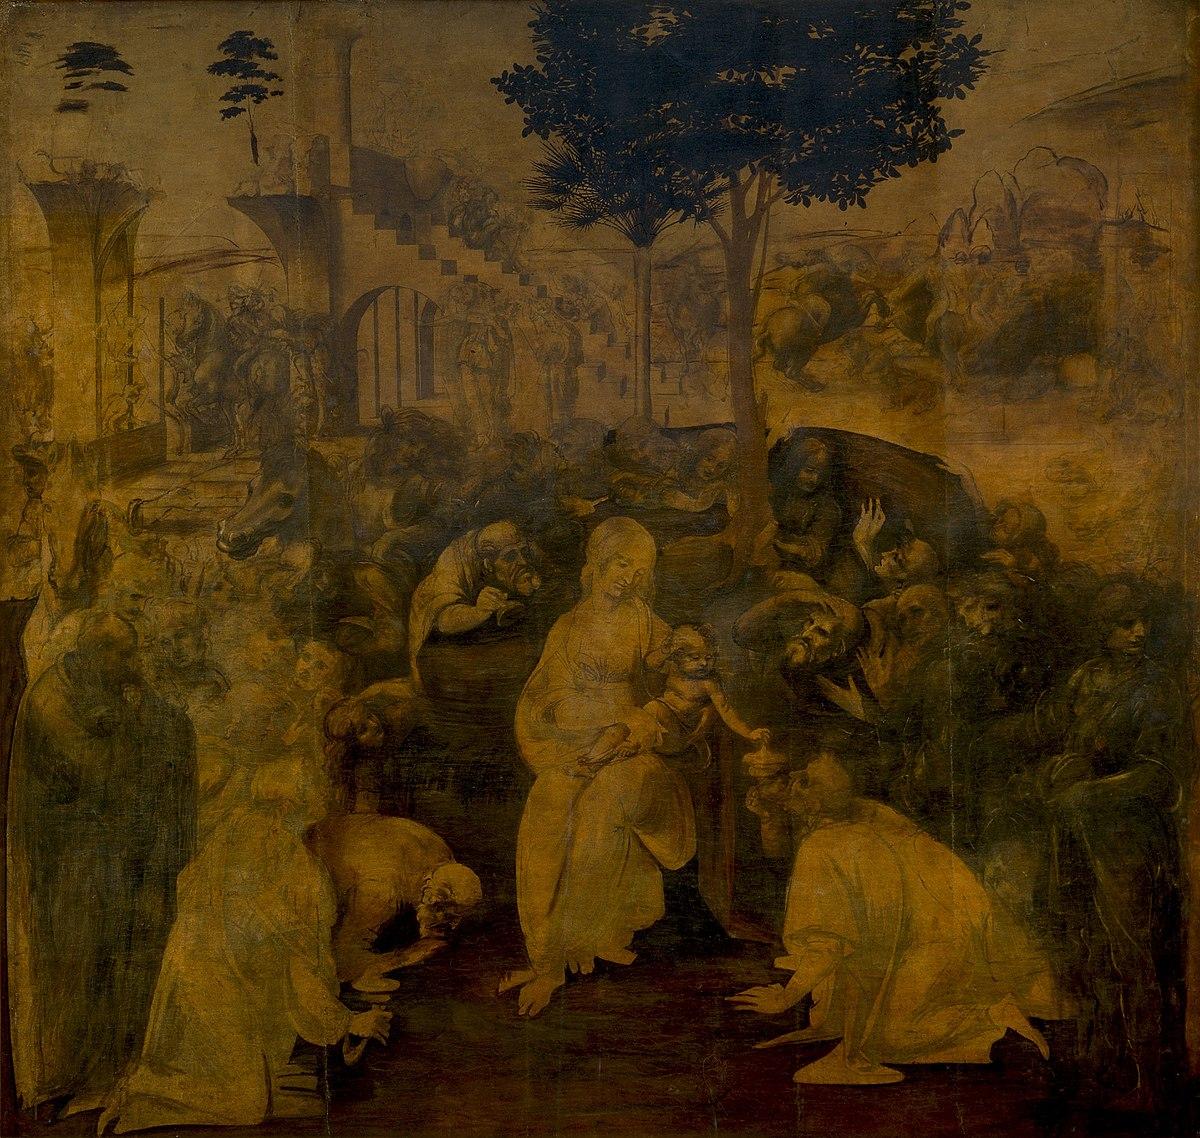 1200px-Leonardo_da_Vinci_-_Adorazione_dei_Magi_-_Google_Art_Project.jpg